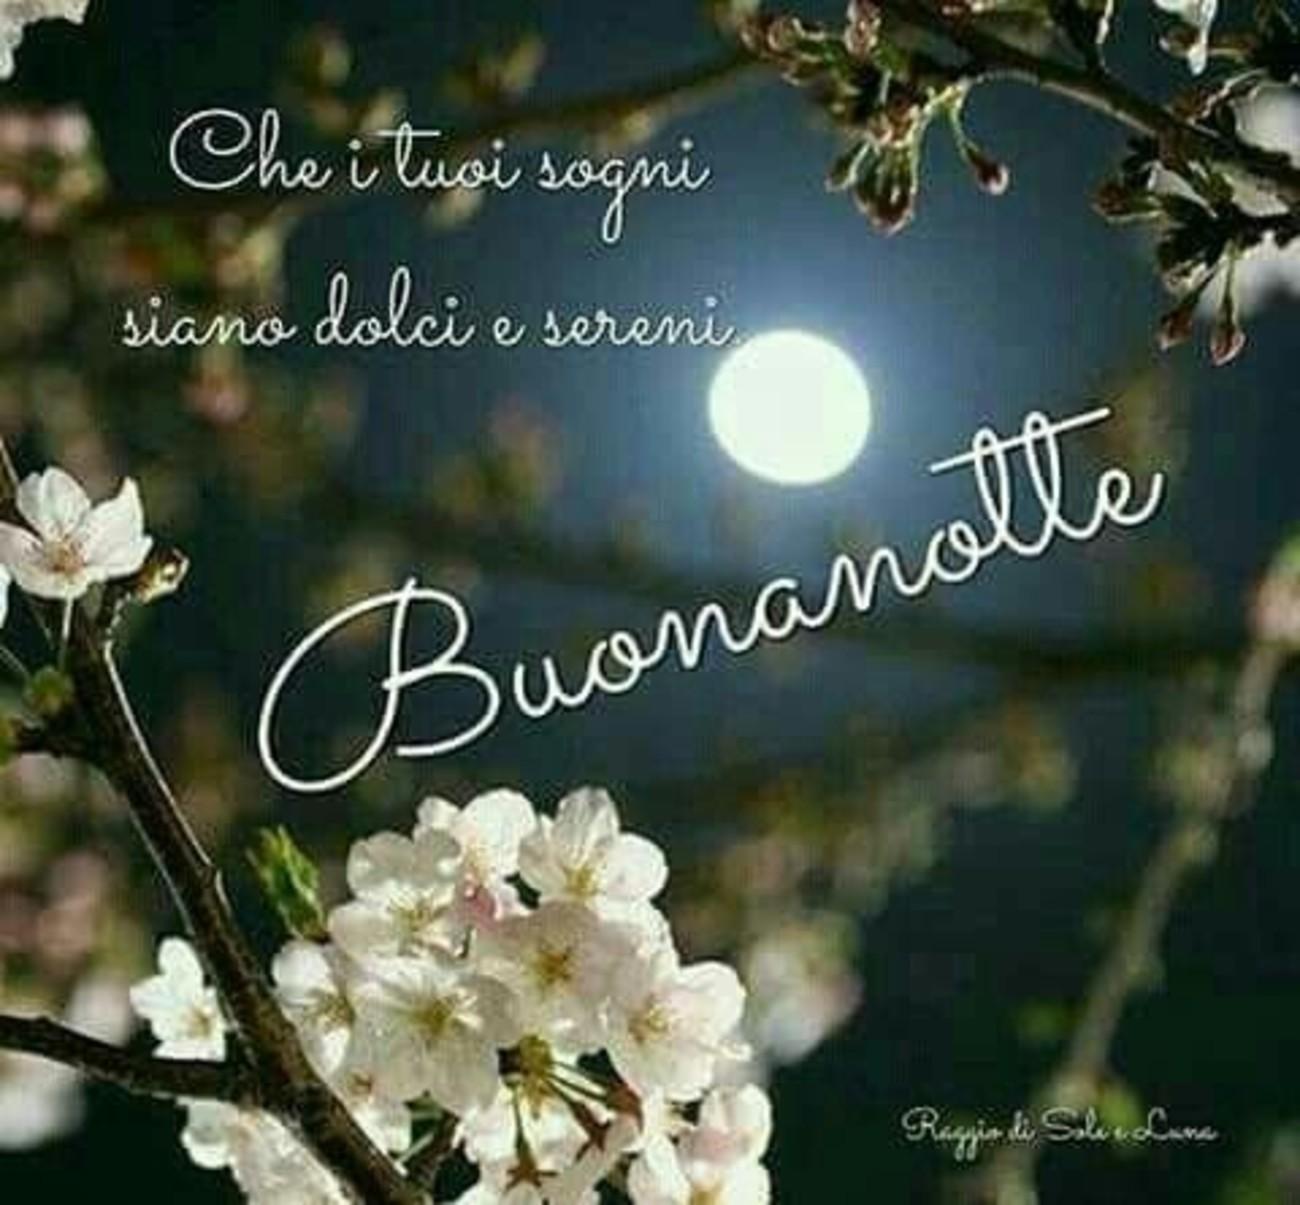 Buonanotte Speciale 14 Buongiornoate It